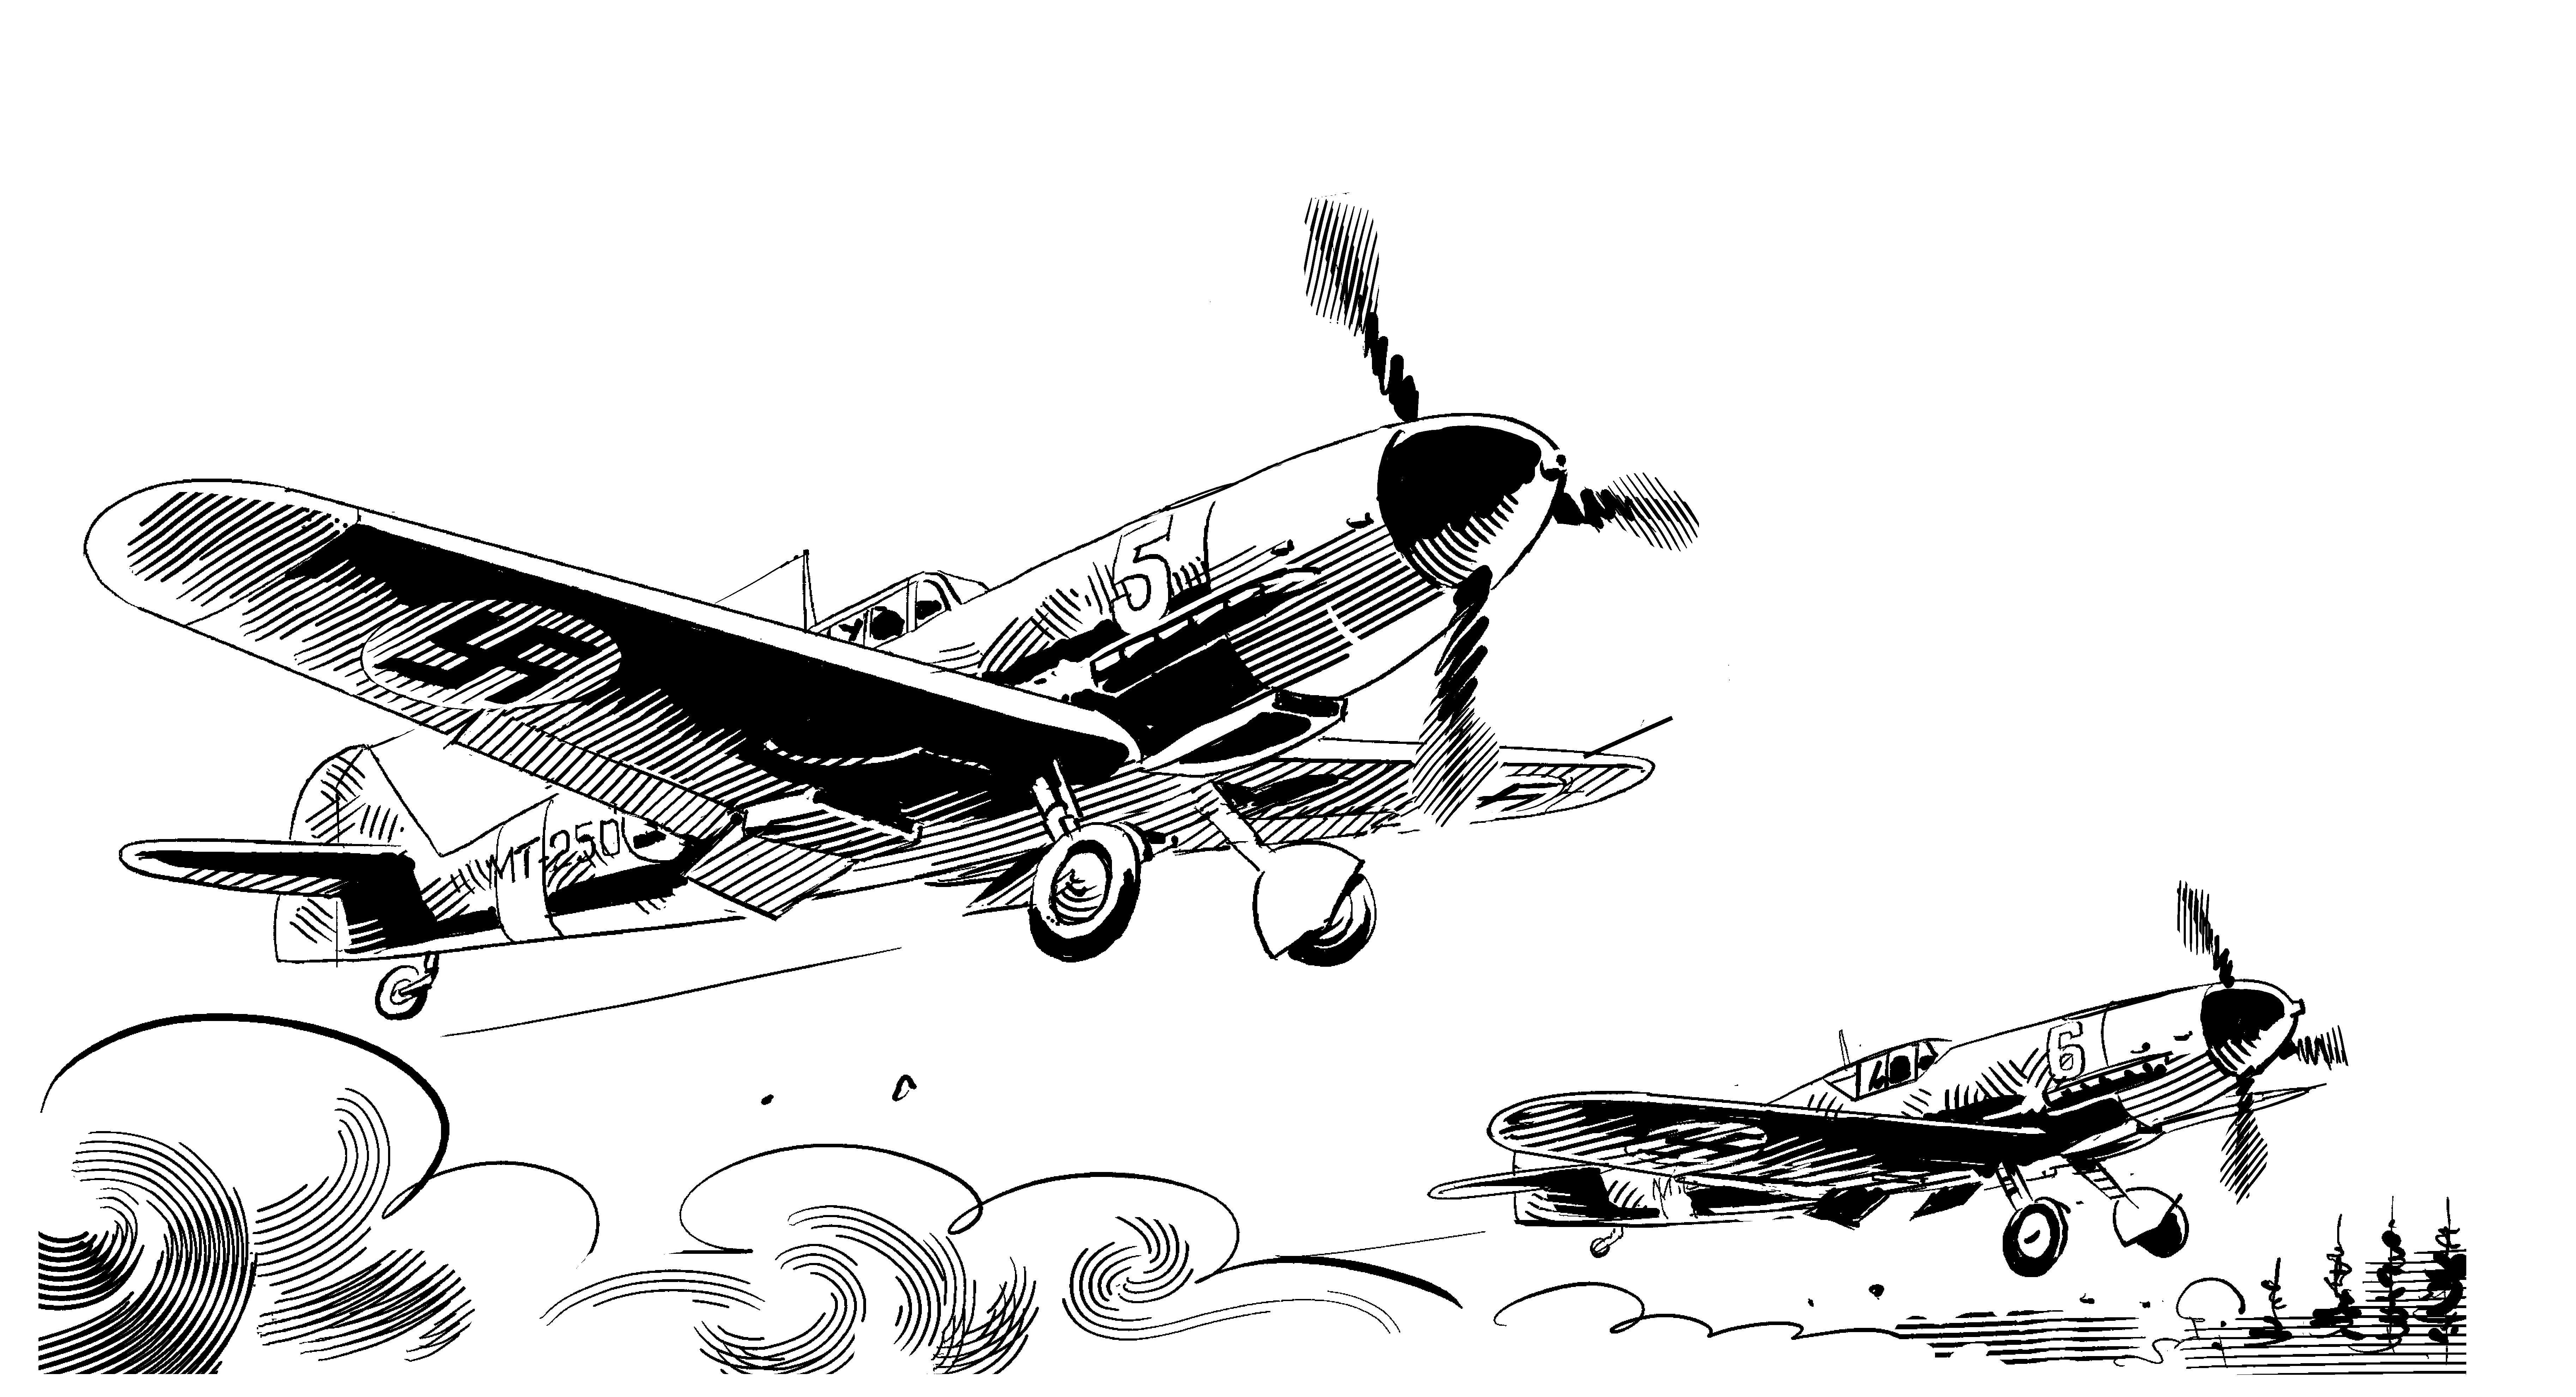 Messersch-lentokone-havittaja-sarjakuva